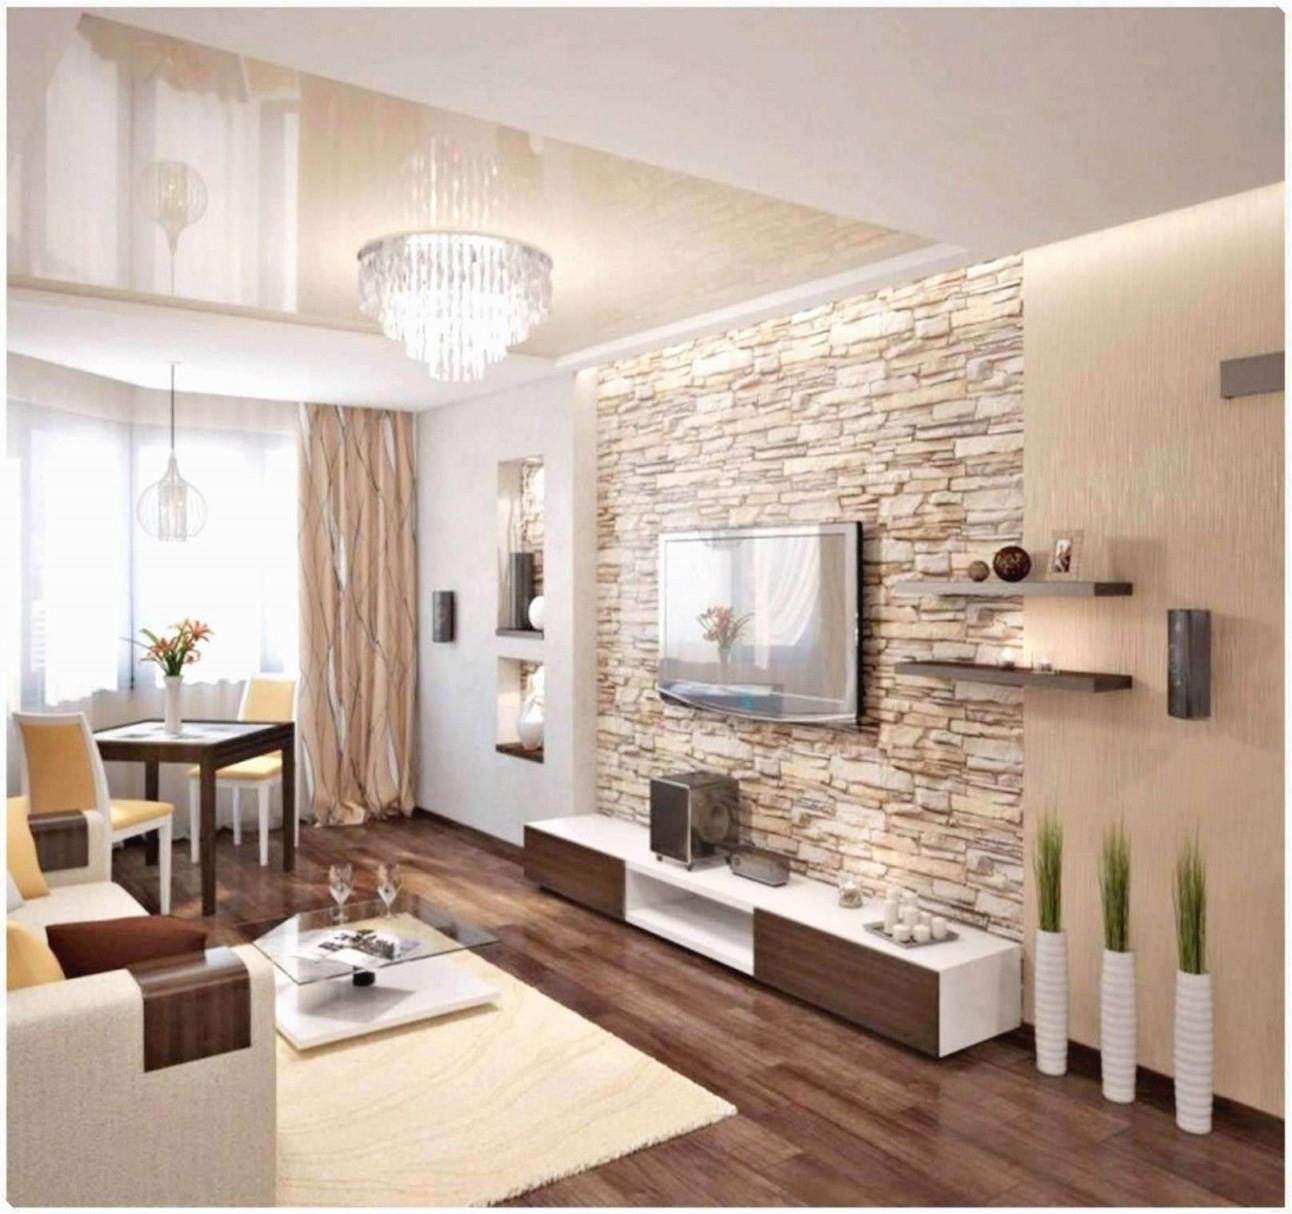 29 Luxus Wohnzimmer Einrichten Ideen Genial  Wohnzimmer Frisch von Bilder Einrichtung Wohnzimmer Photo